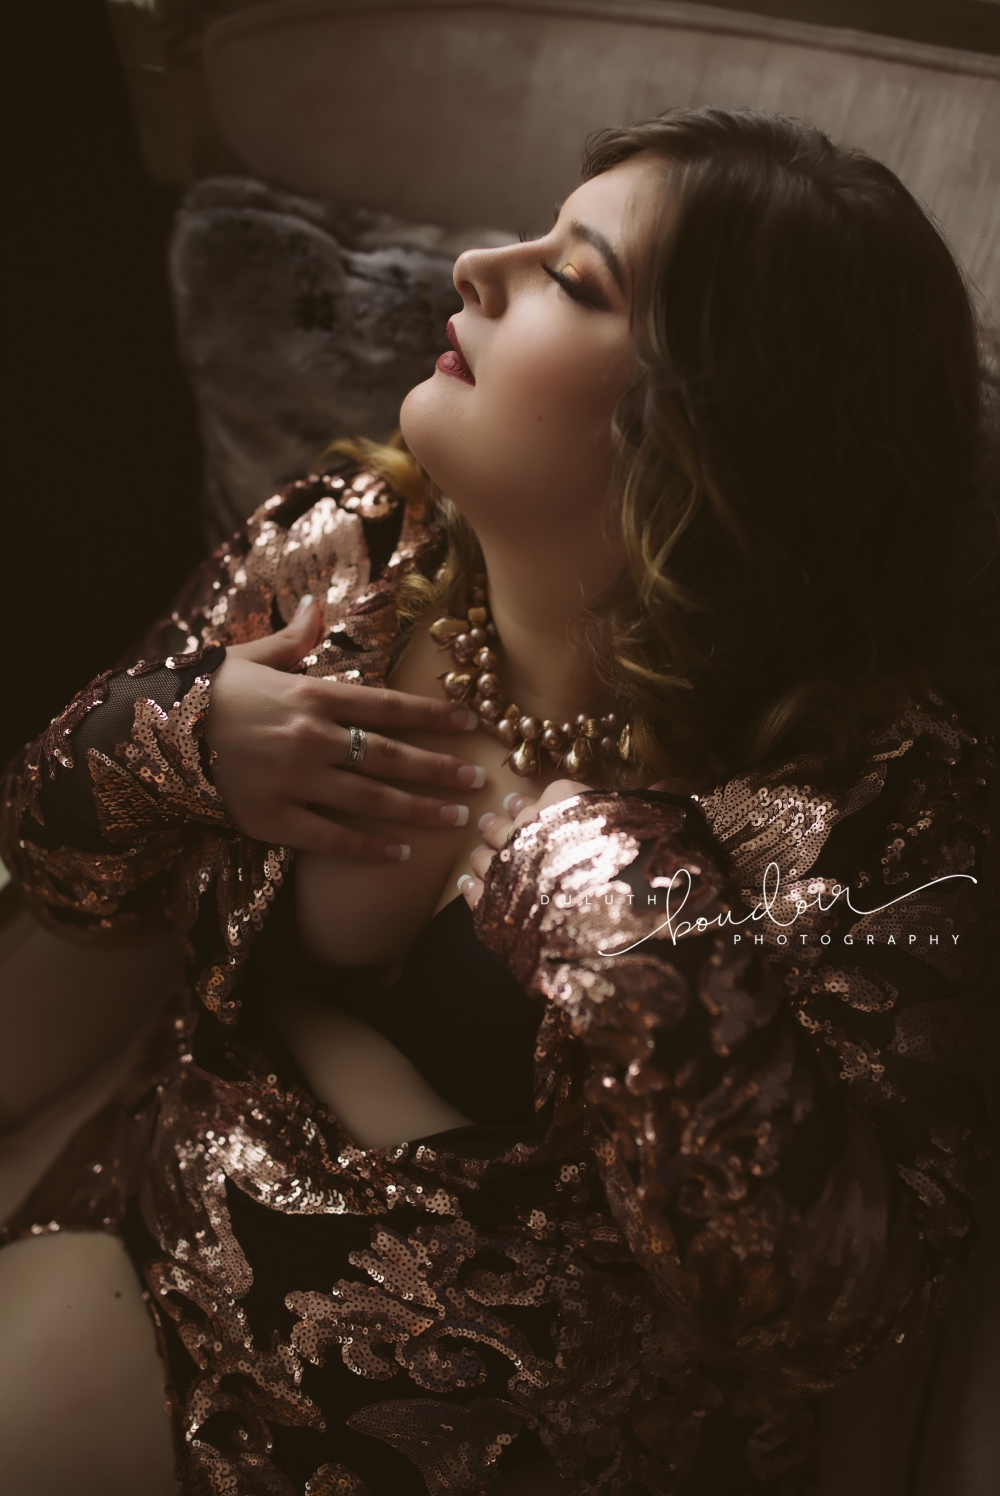 duluth_boudoir_photography_annie_7